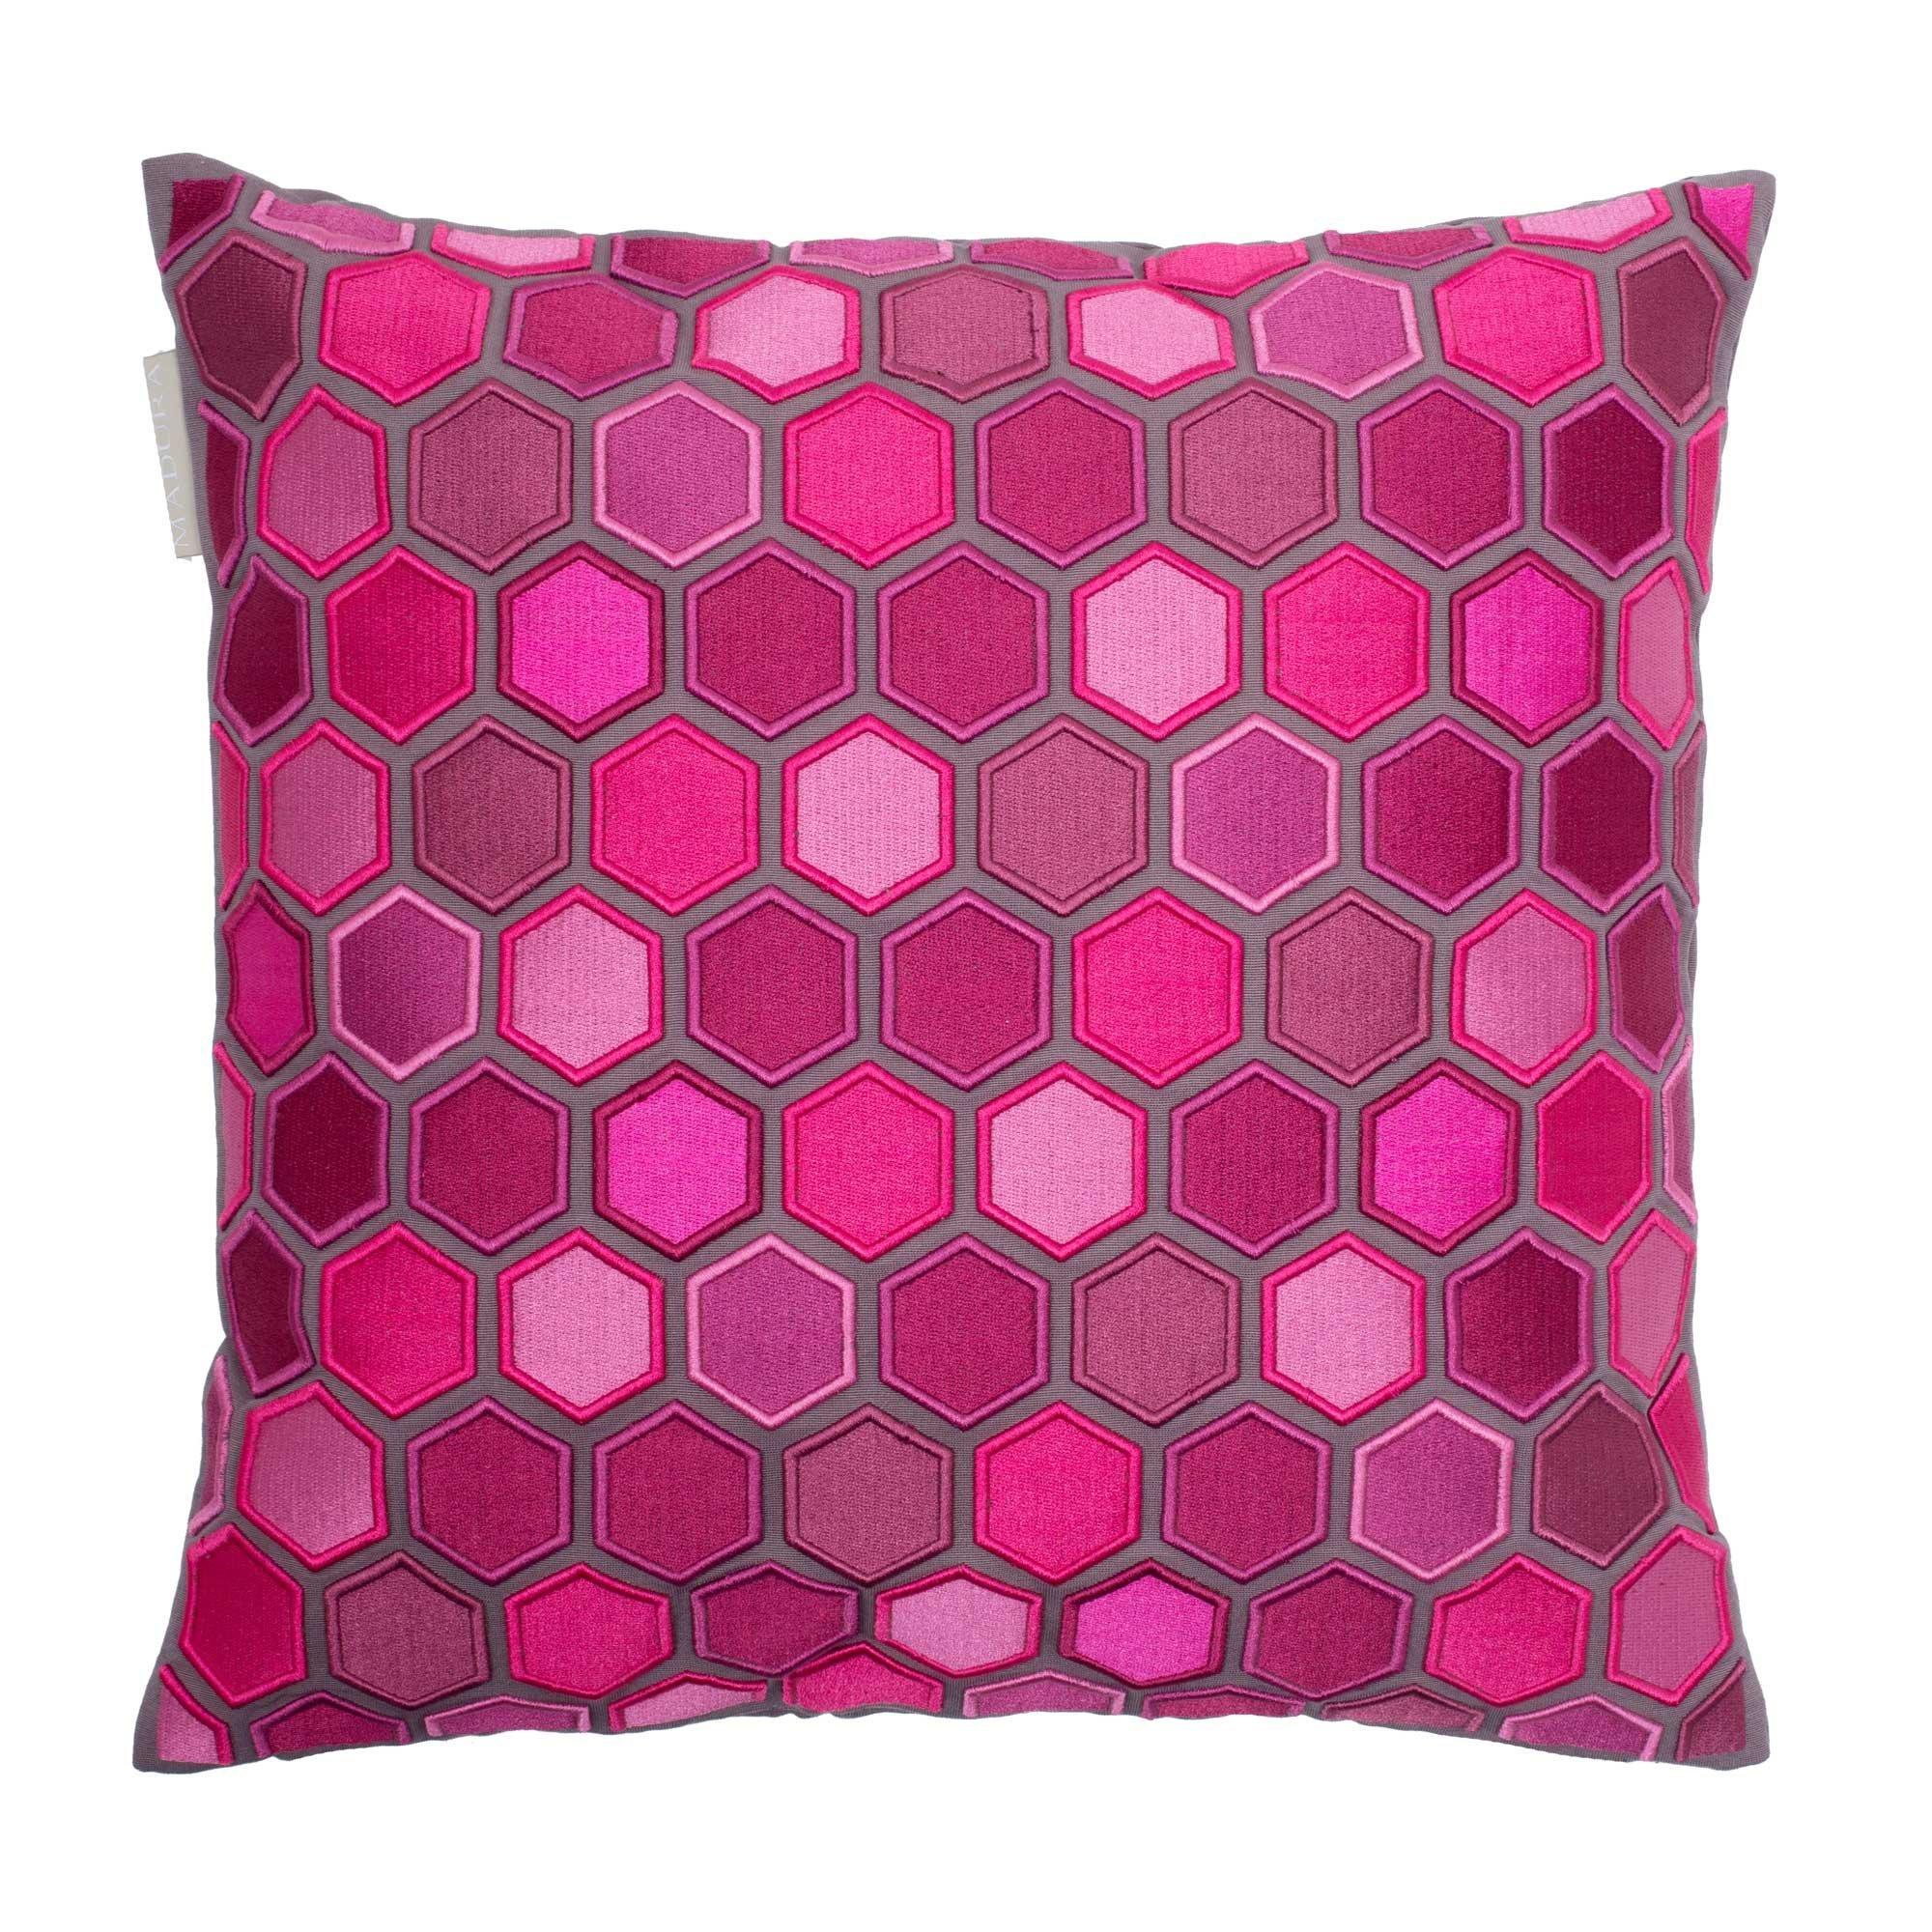 Madura Decorative Pillow - Throw Pillow cover Honey 16X16 Deep Pink